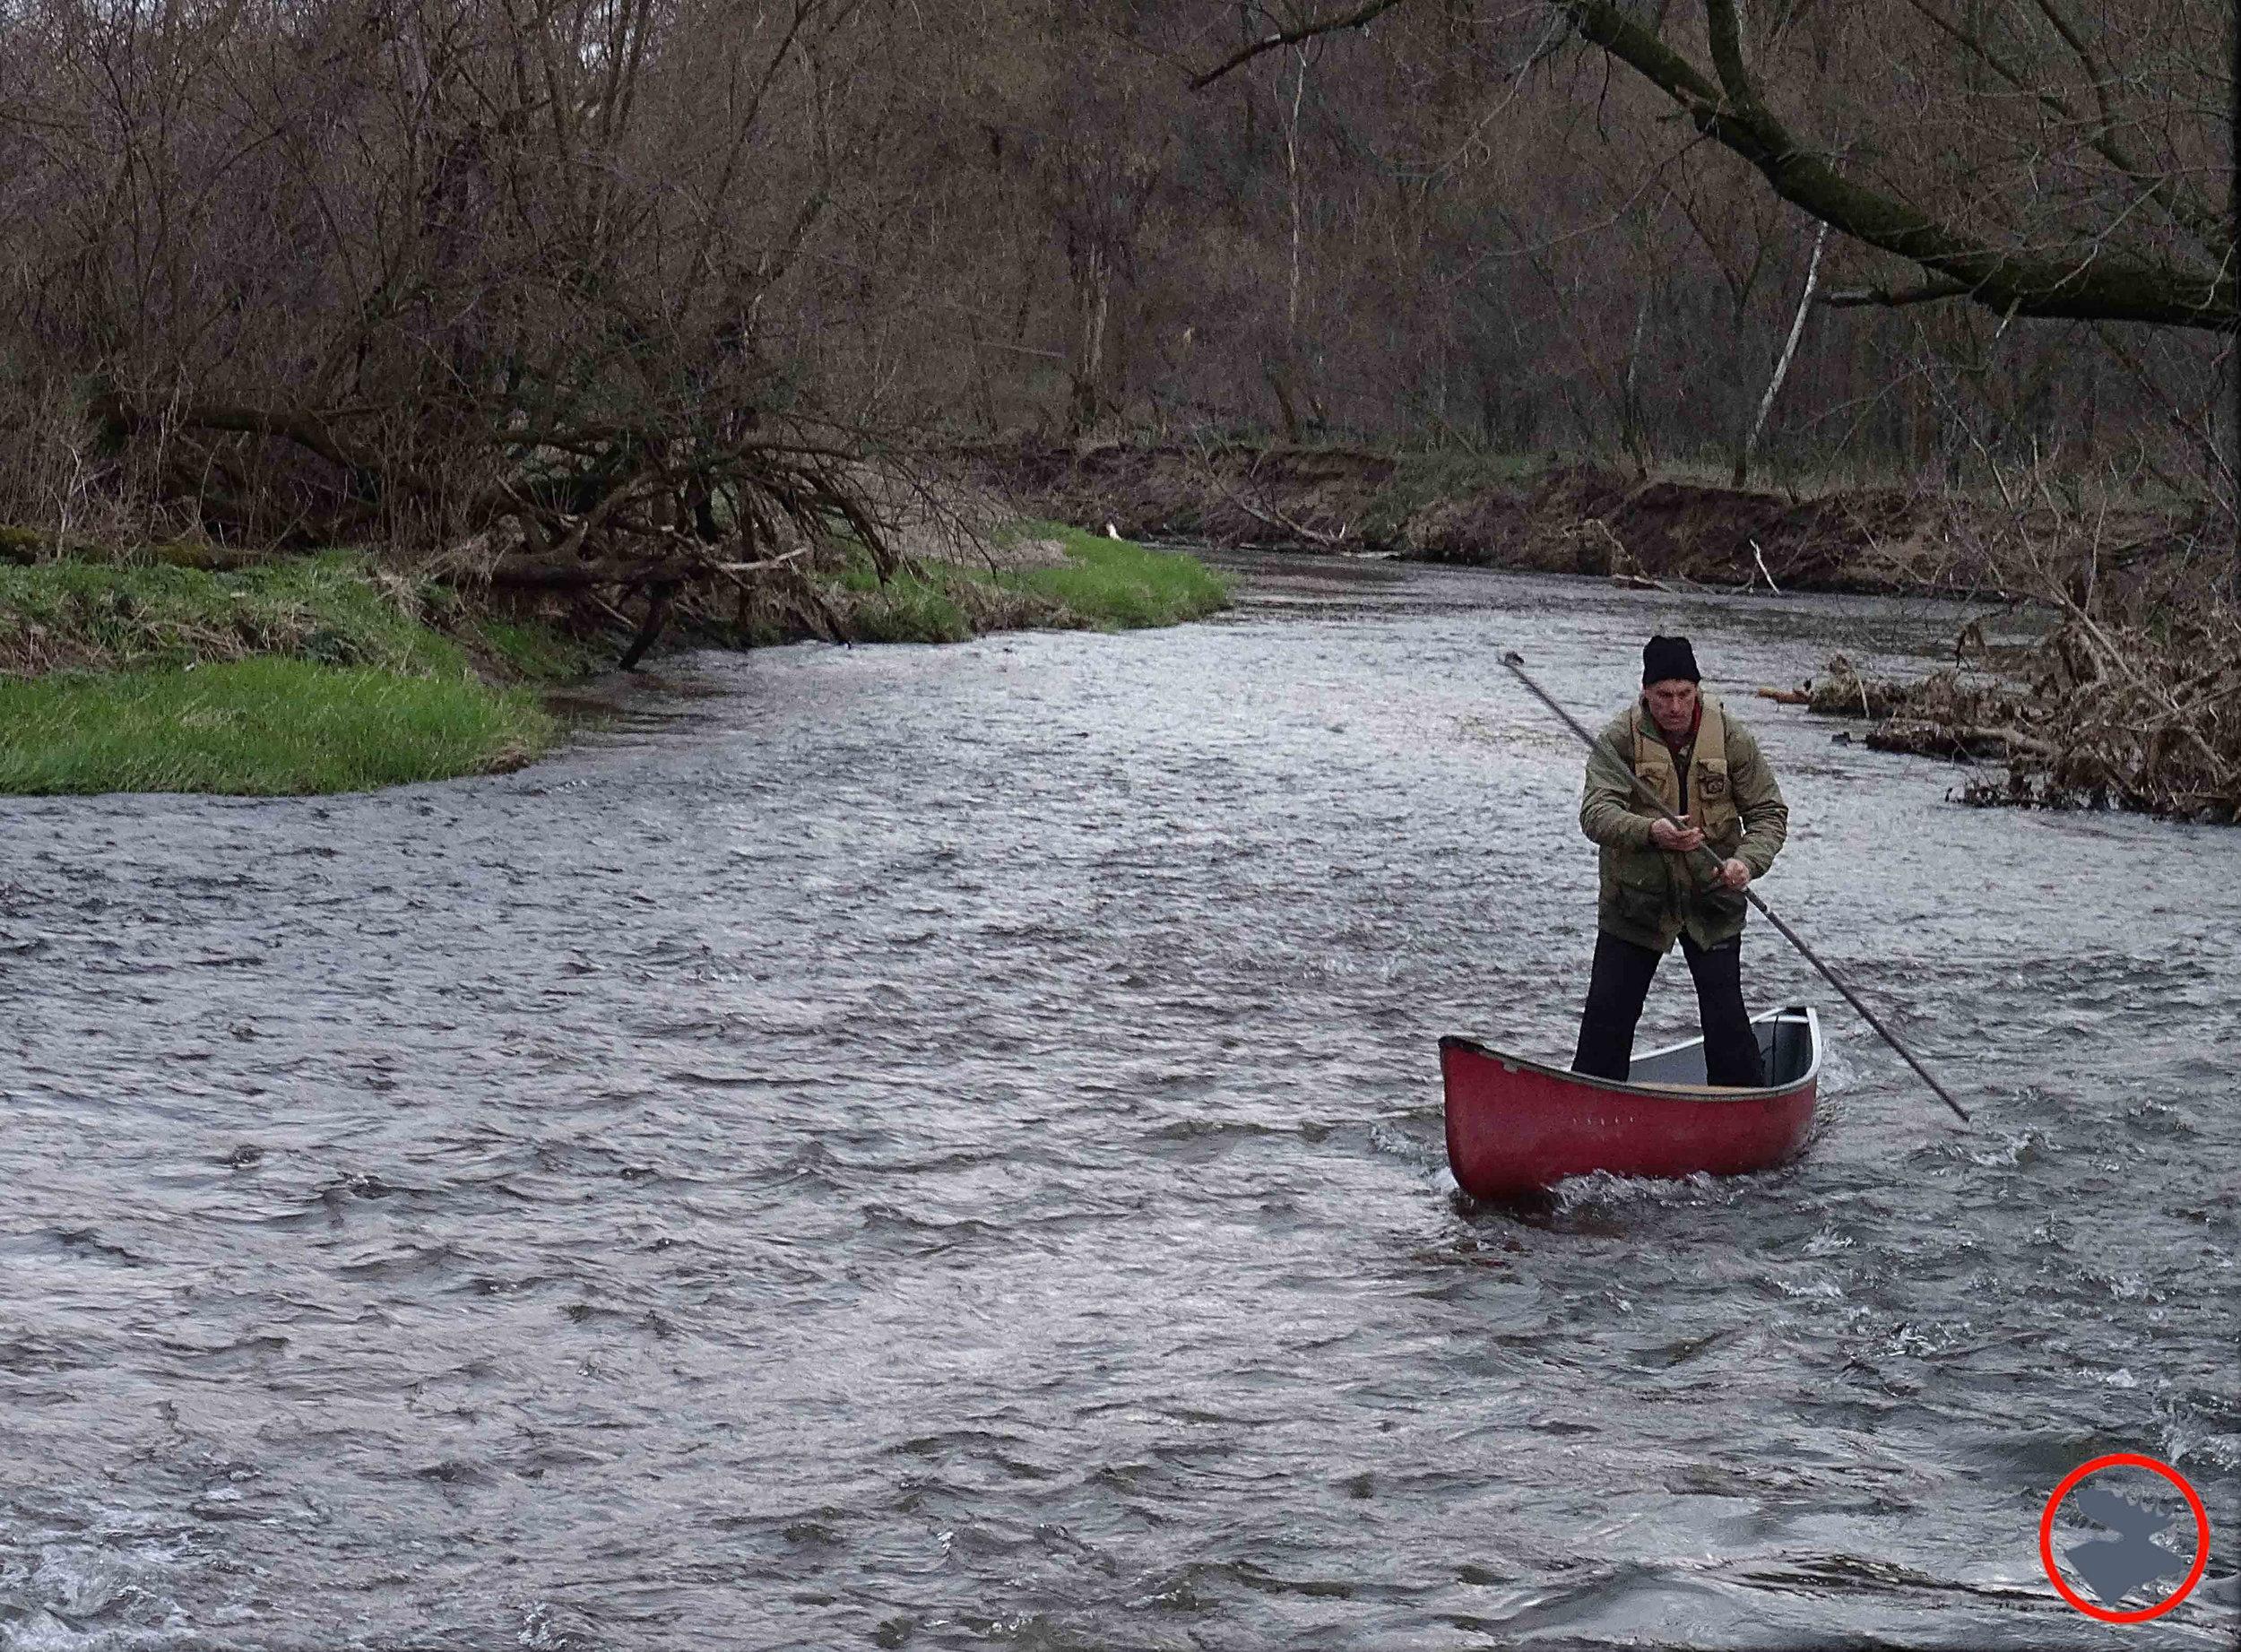 BMP-Post_Kinnickinnic-River_Scott-Canoe-Poling2_June 2019.jpg